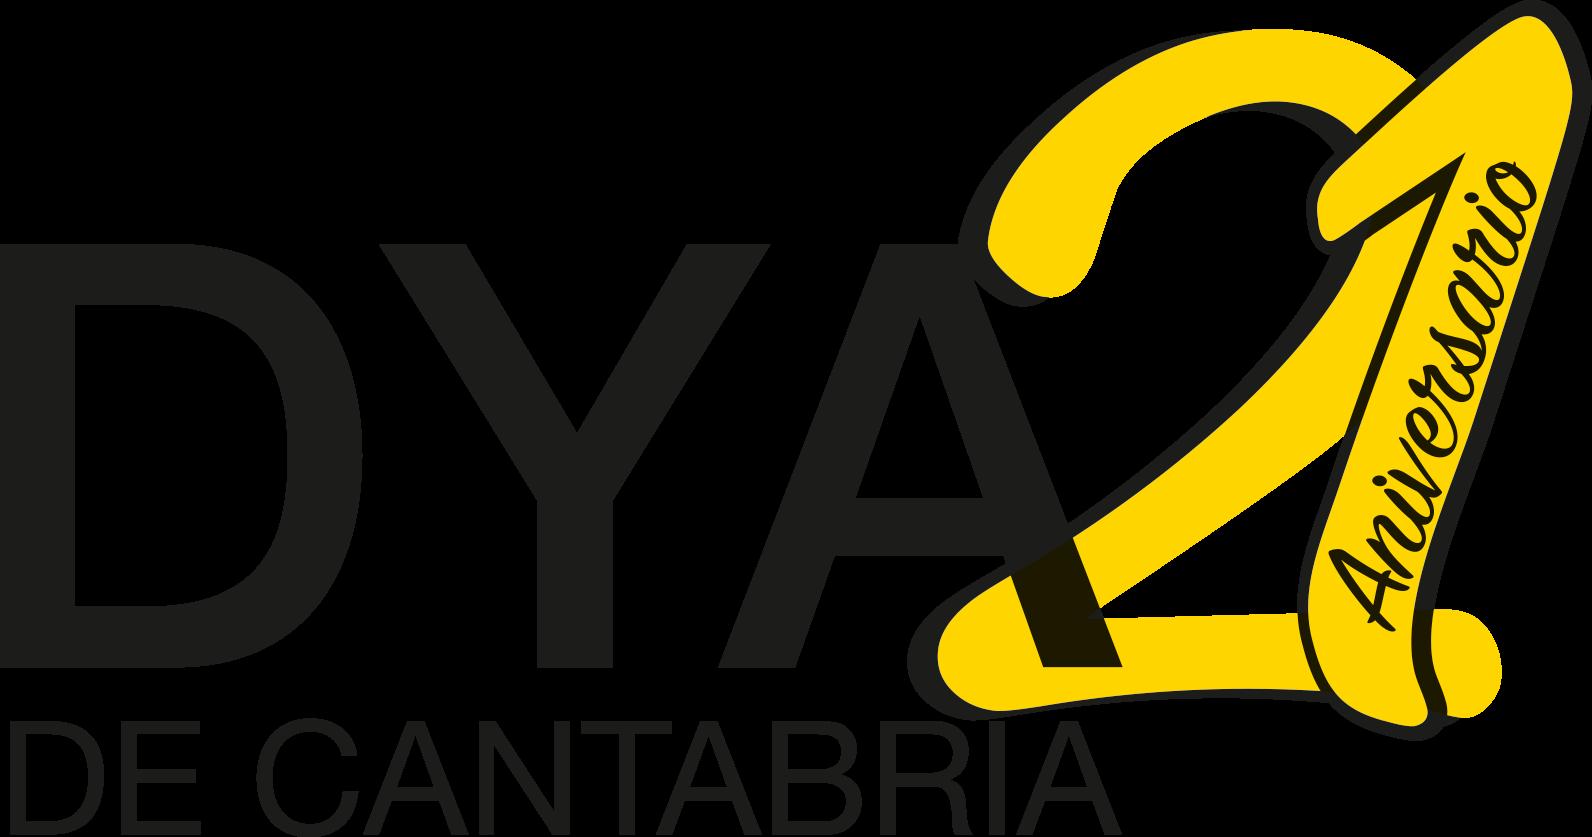 DYA Cantabria